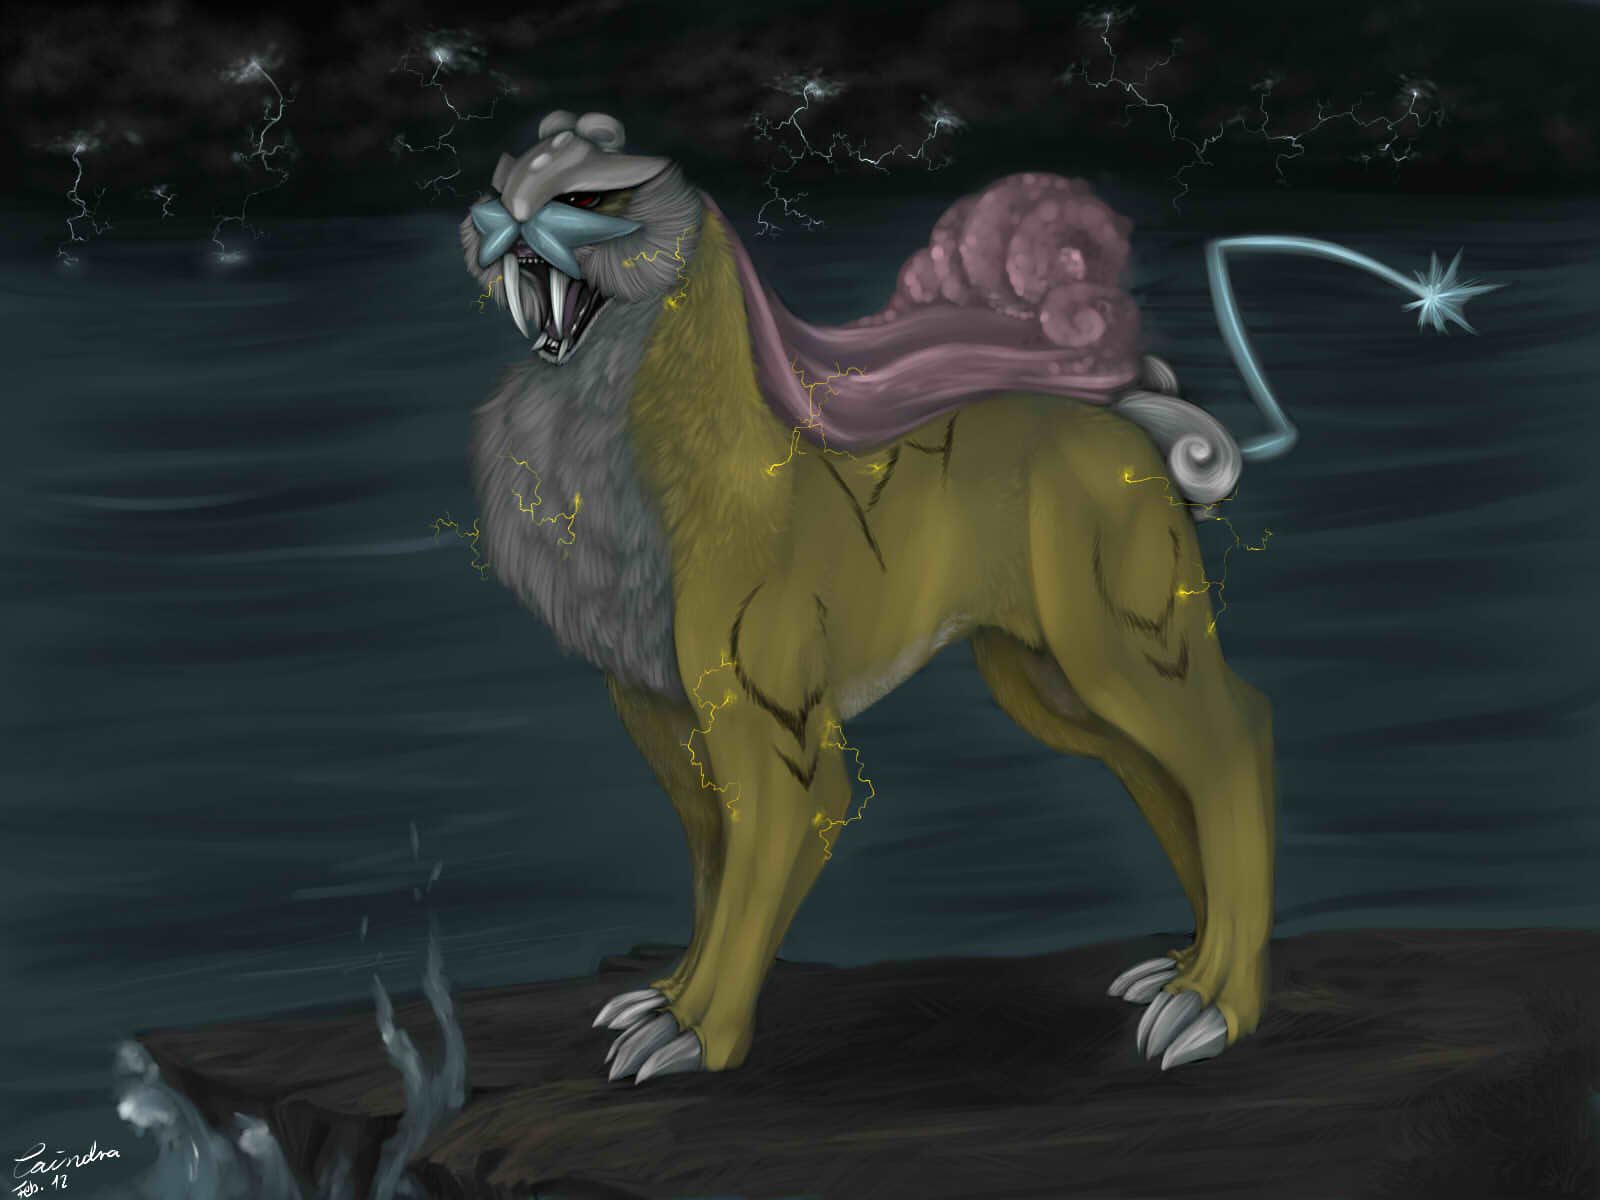 Pokémon-Zeichnung: raikou